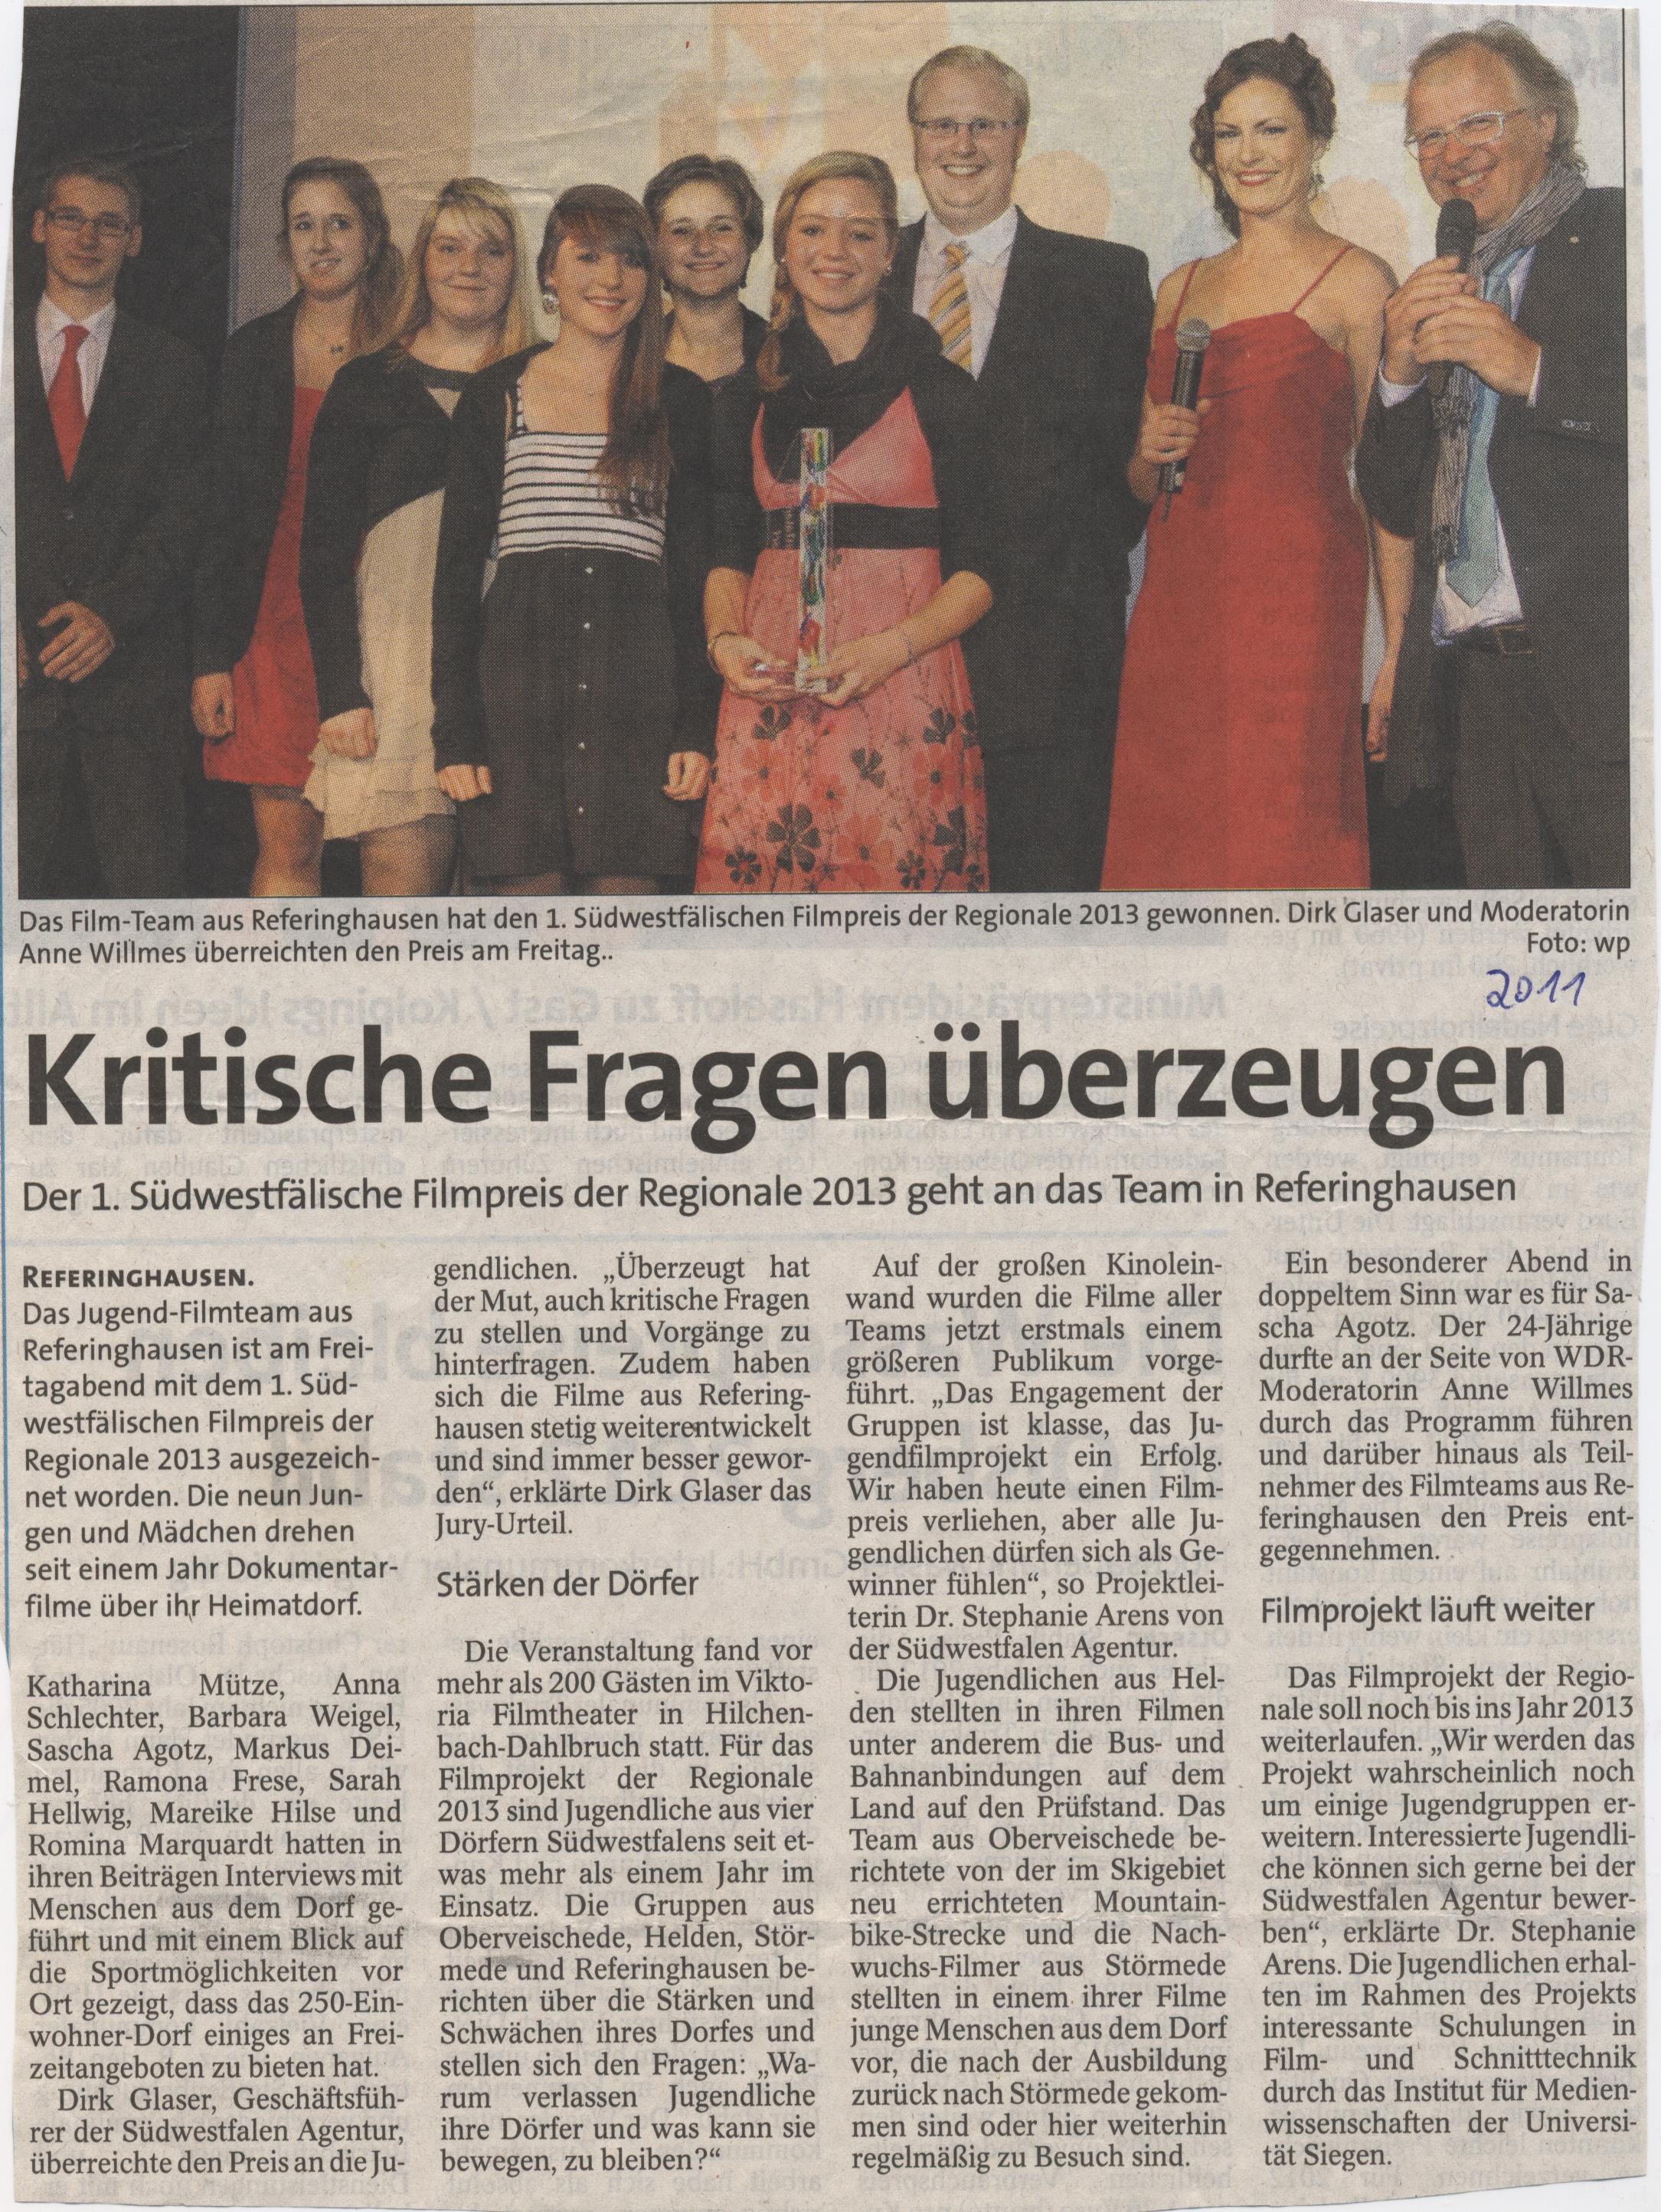 1. Südwestfalische Filmpreis